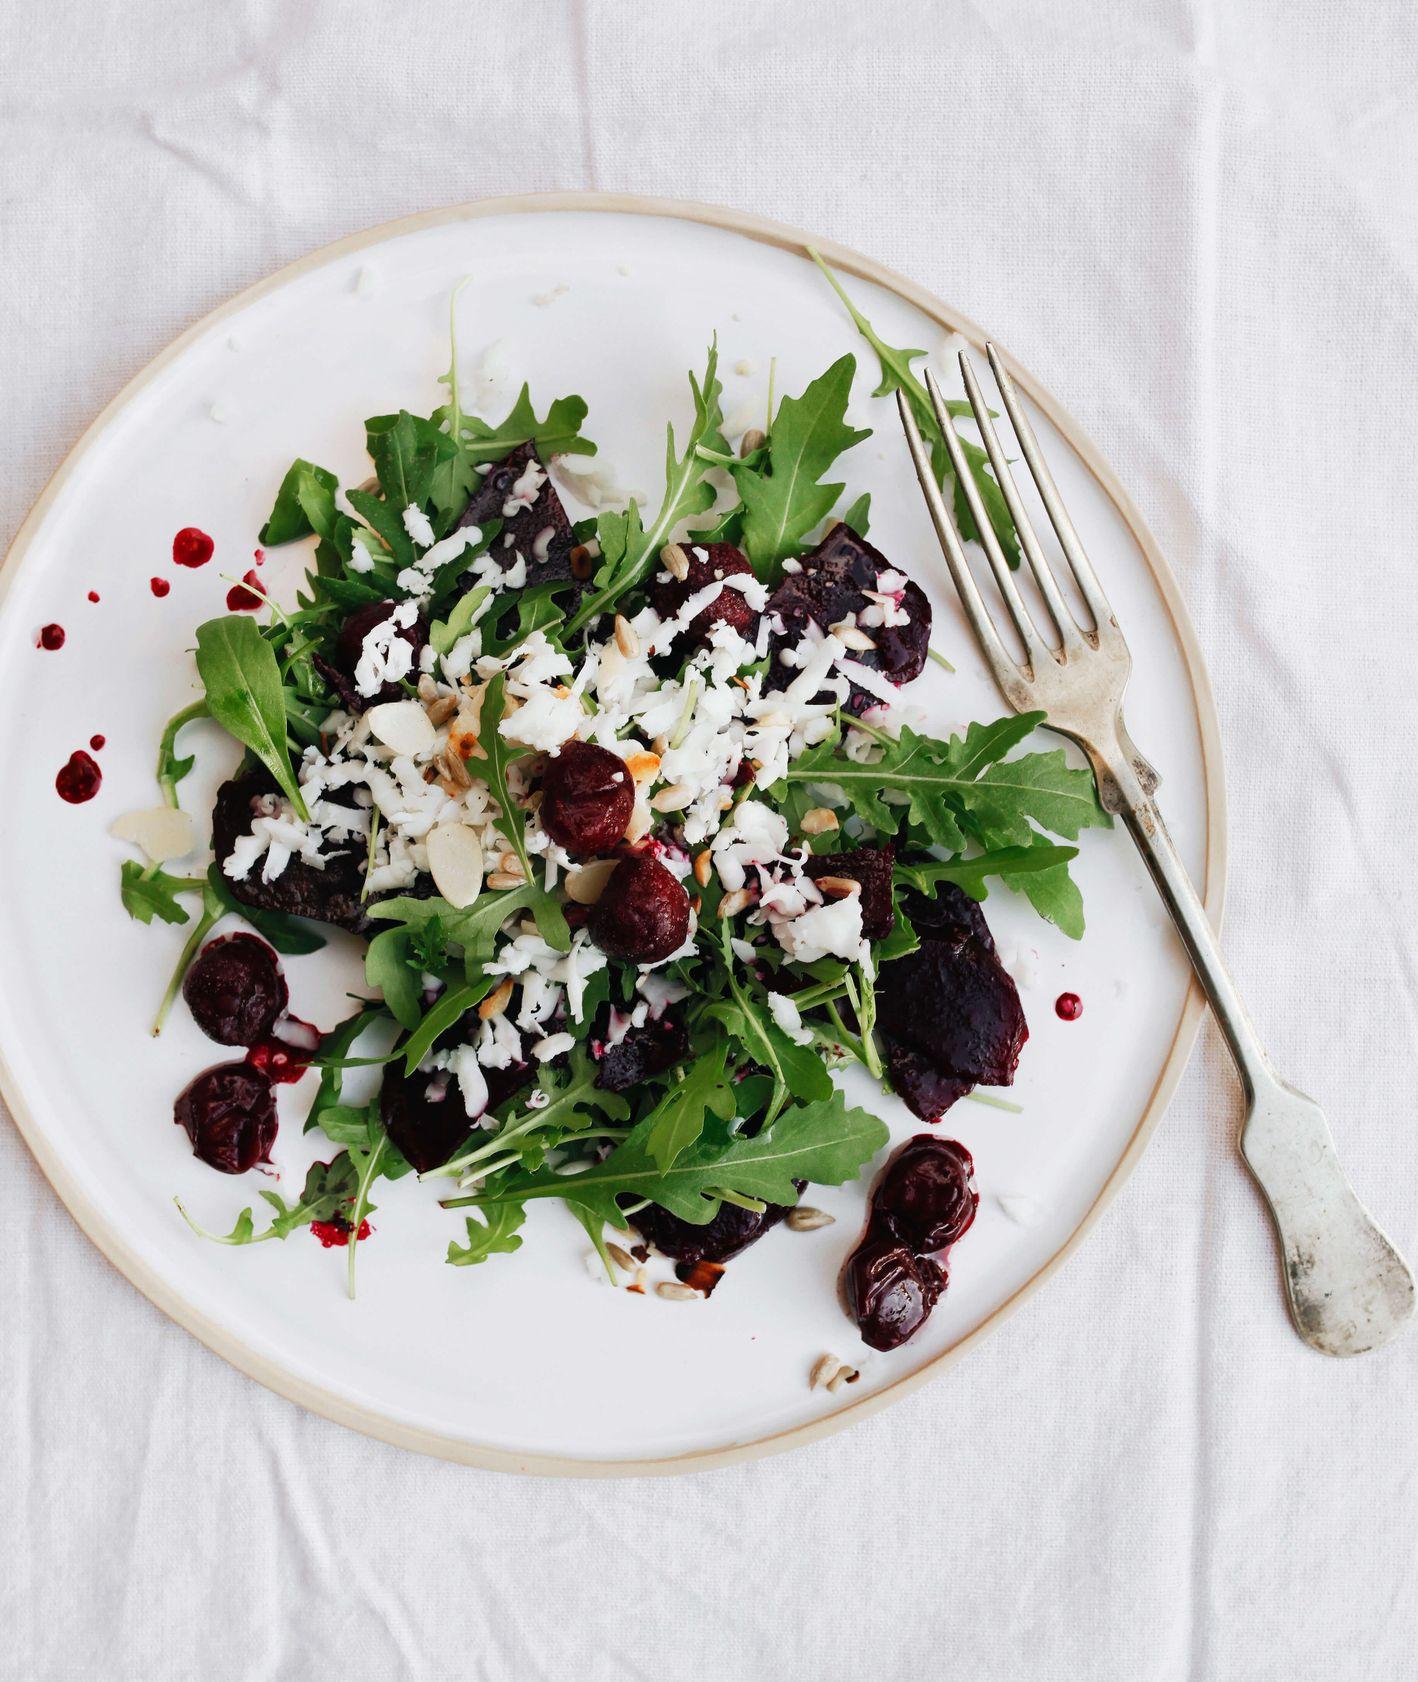 Szybka sałatka z rukoli z pieczonym burakiem, wiśniami i kozim serem (fot. Sylwia Kaleta)